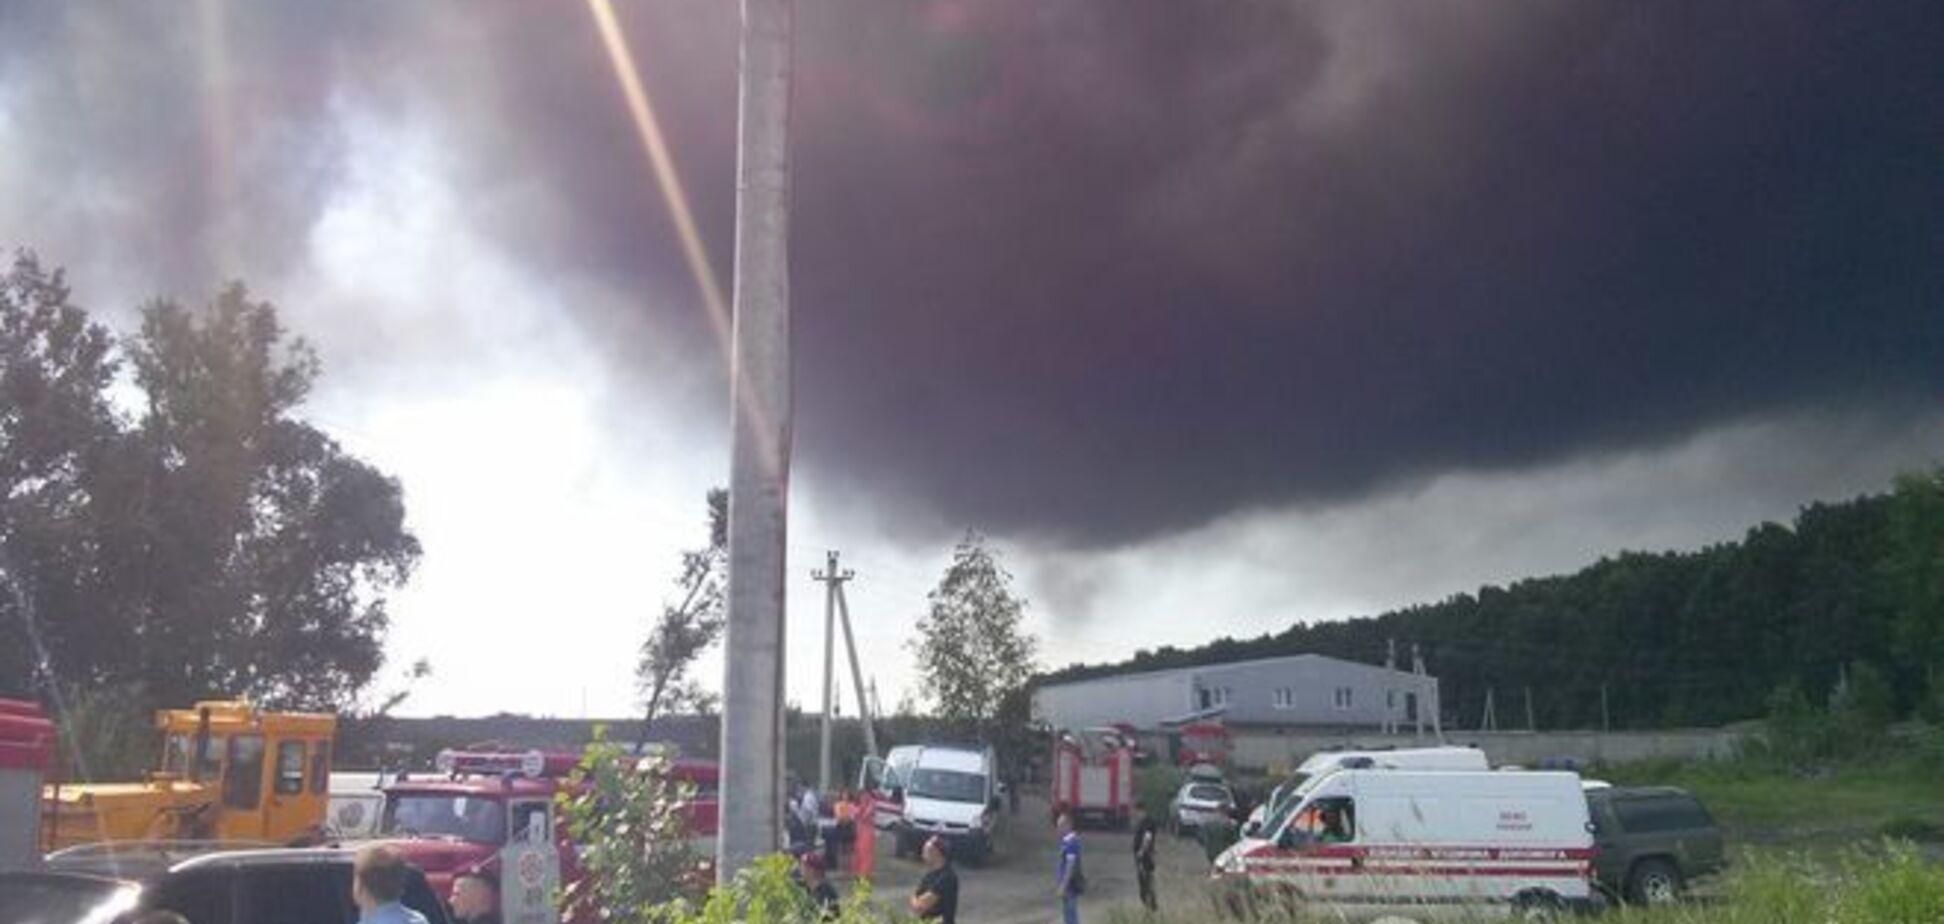 Милиция озвучила число пострадавших в результате пожара на нефтебазе в Василькове